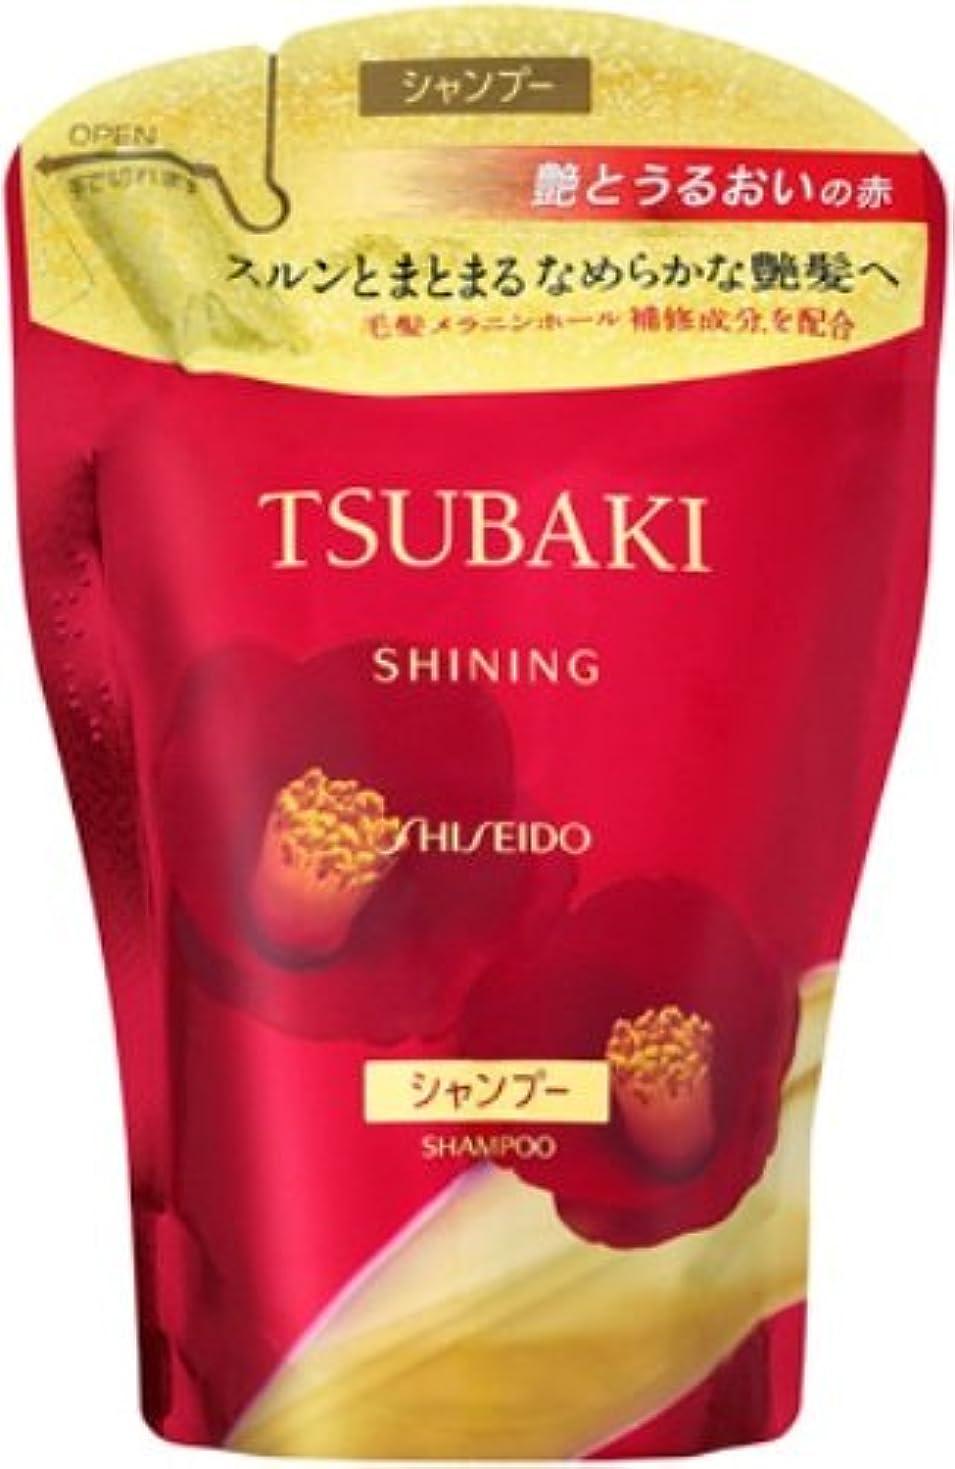 プット測定作り上げるTSUBAKI シャイニングシャンプー つめかえ用 400mL